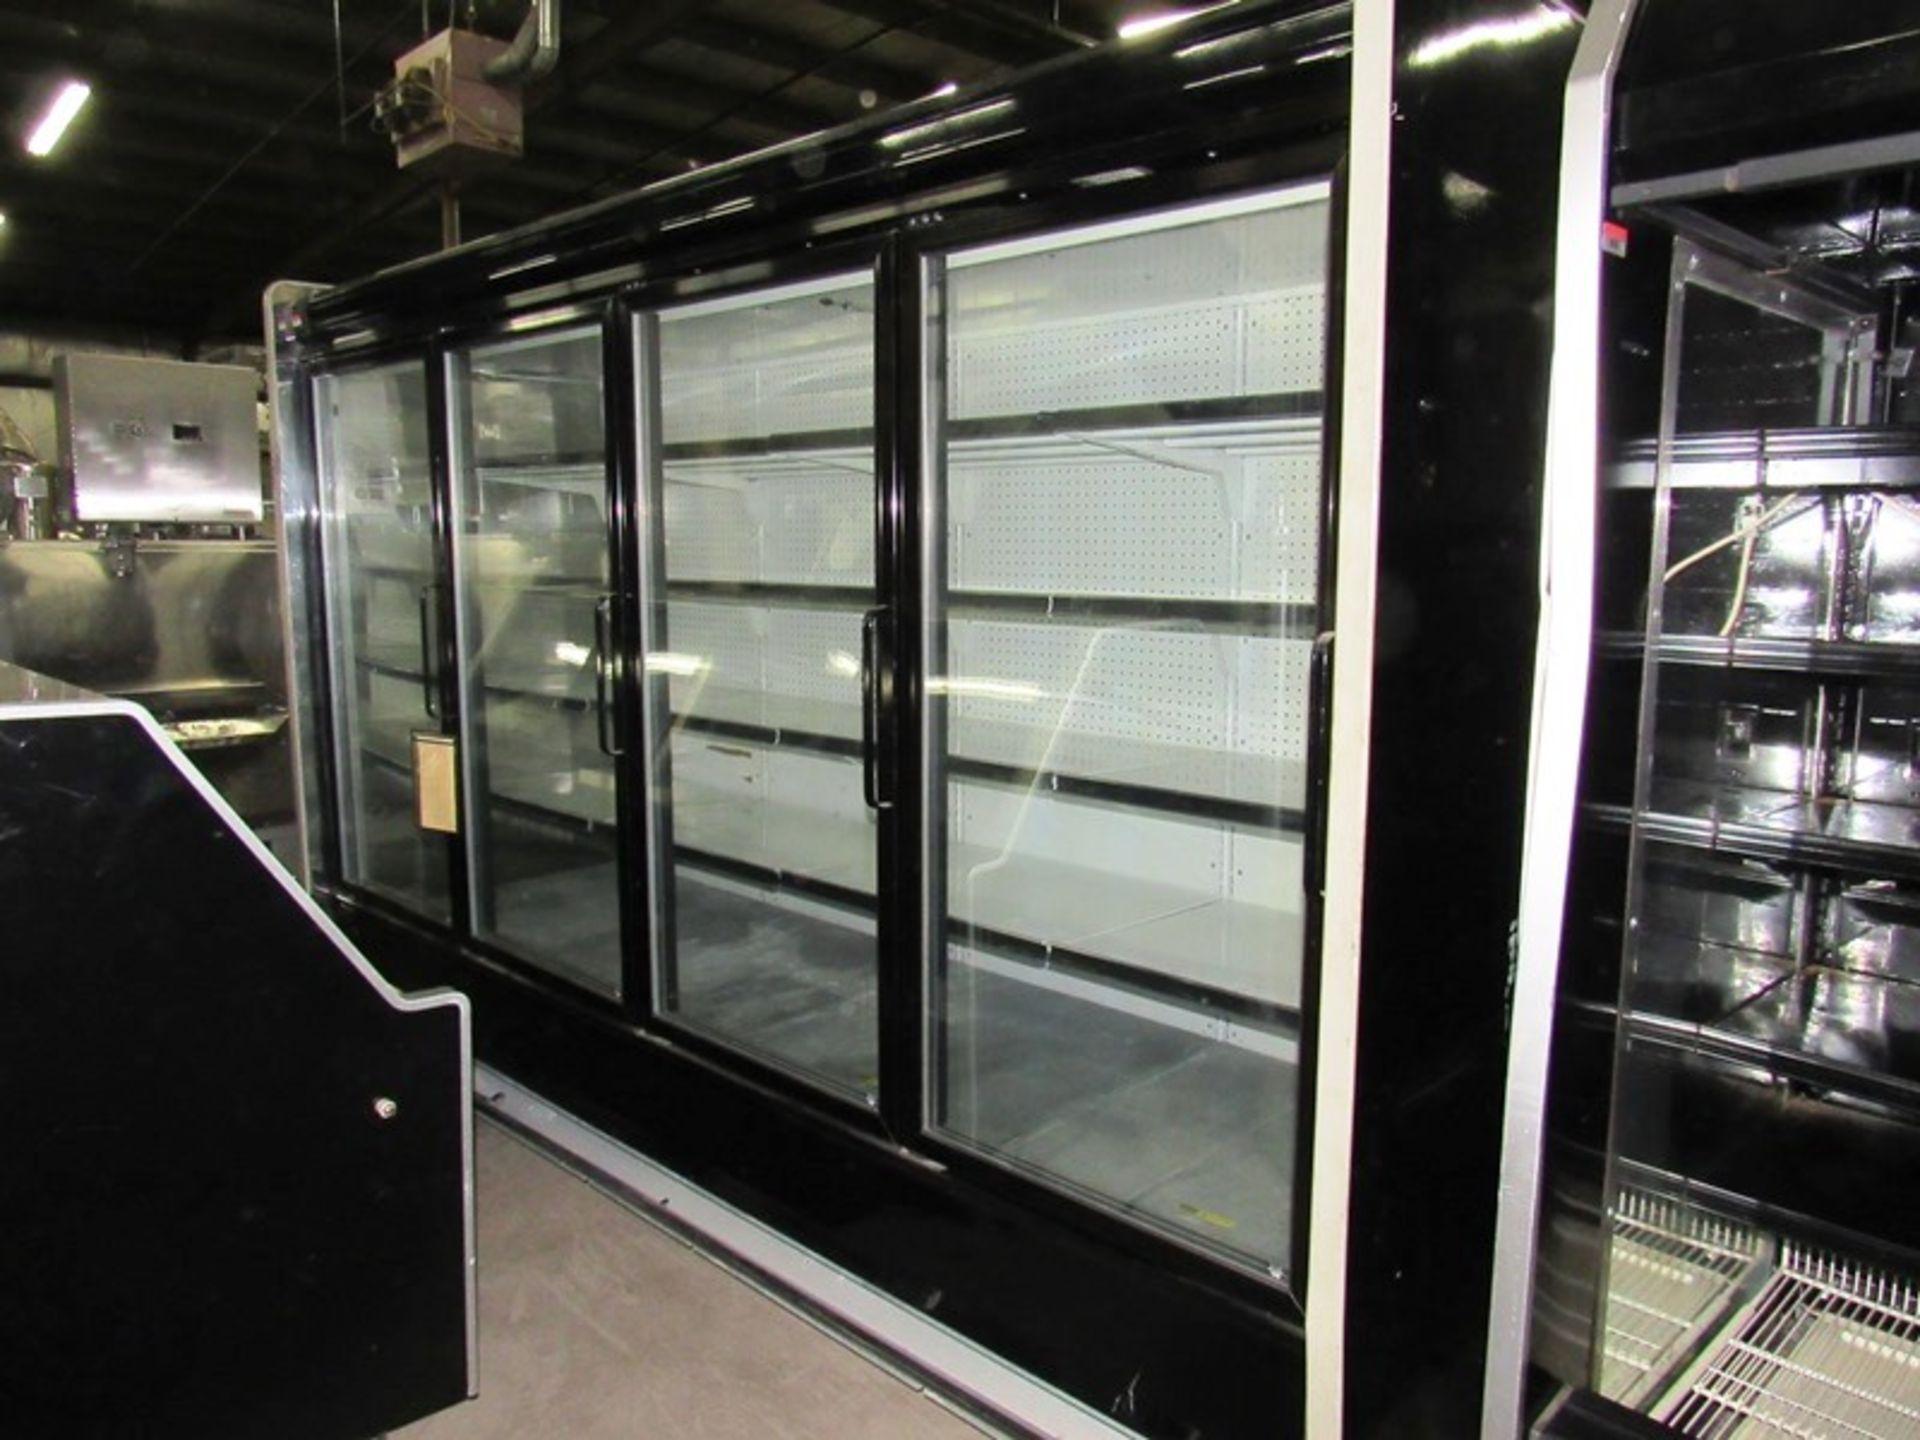 """Kysor-Warren Mdl. LV5HI-4U Display Cooler, 4 doors with inside shelves, 45"""" W X 124"""" L X 83"""" T - Image 2 of 3"""